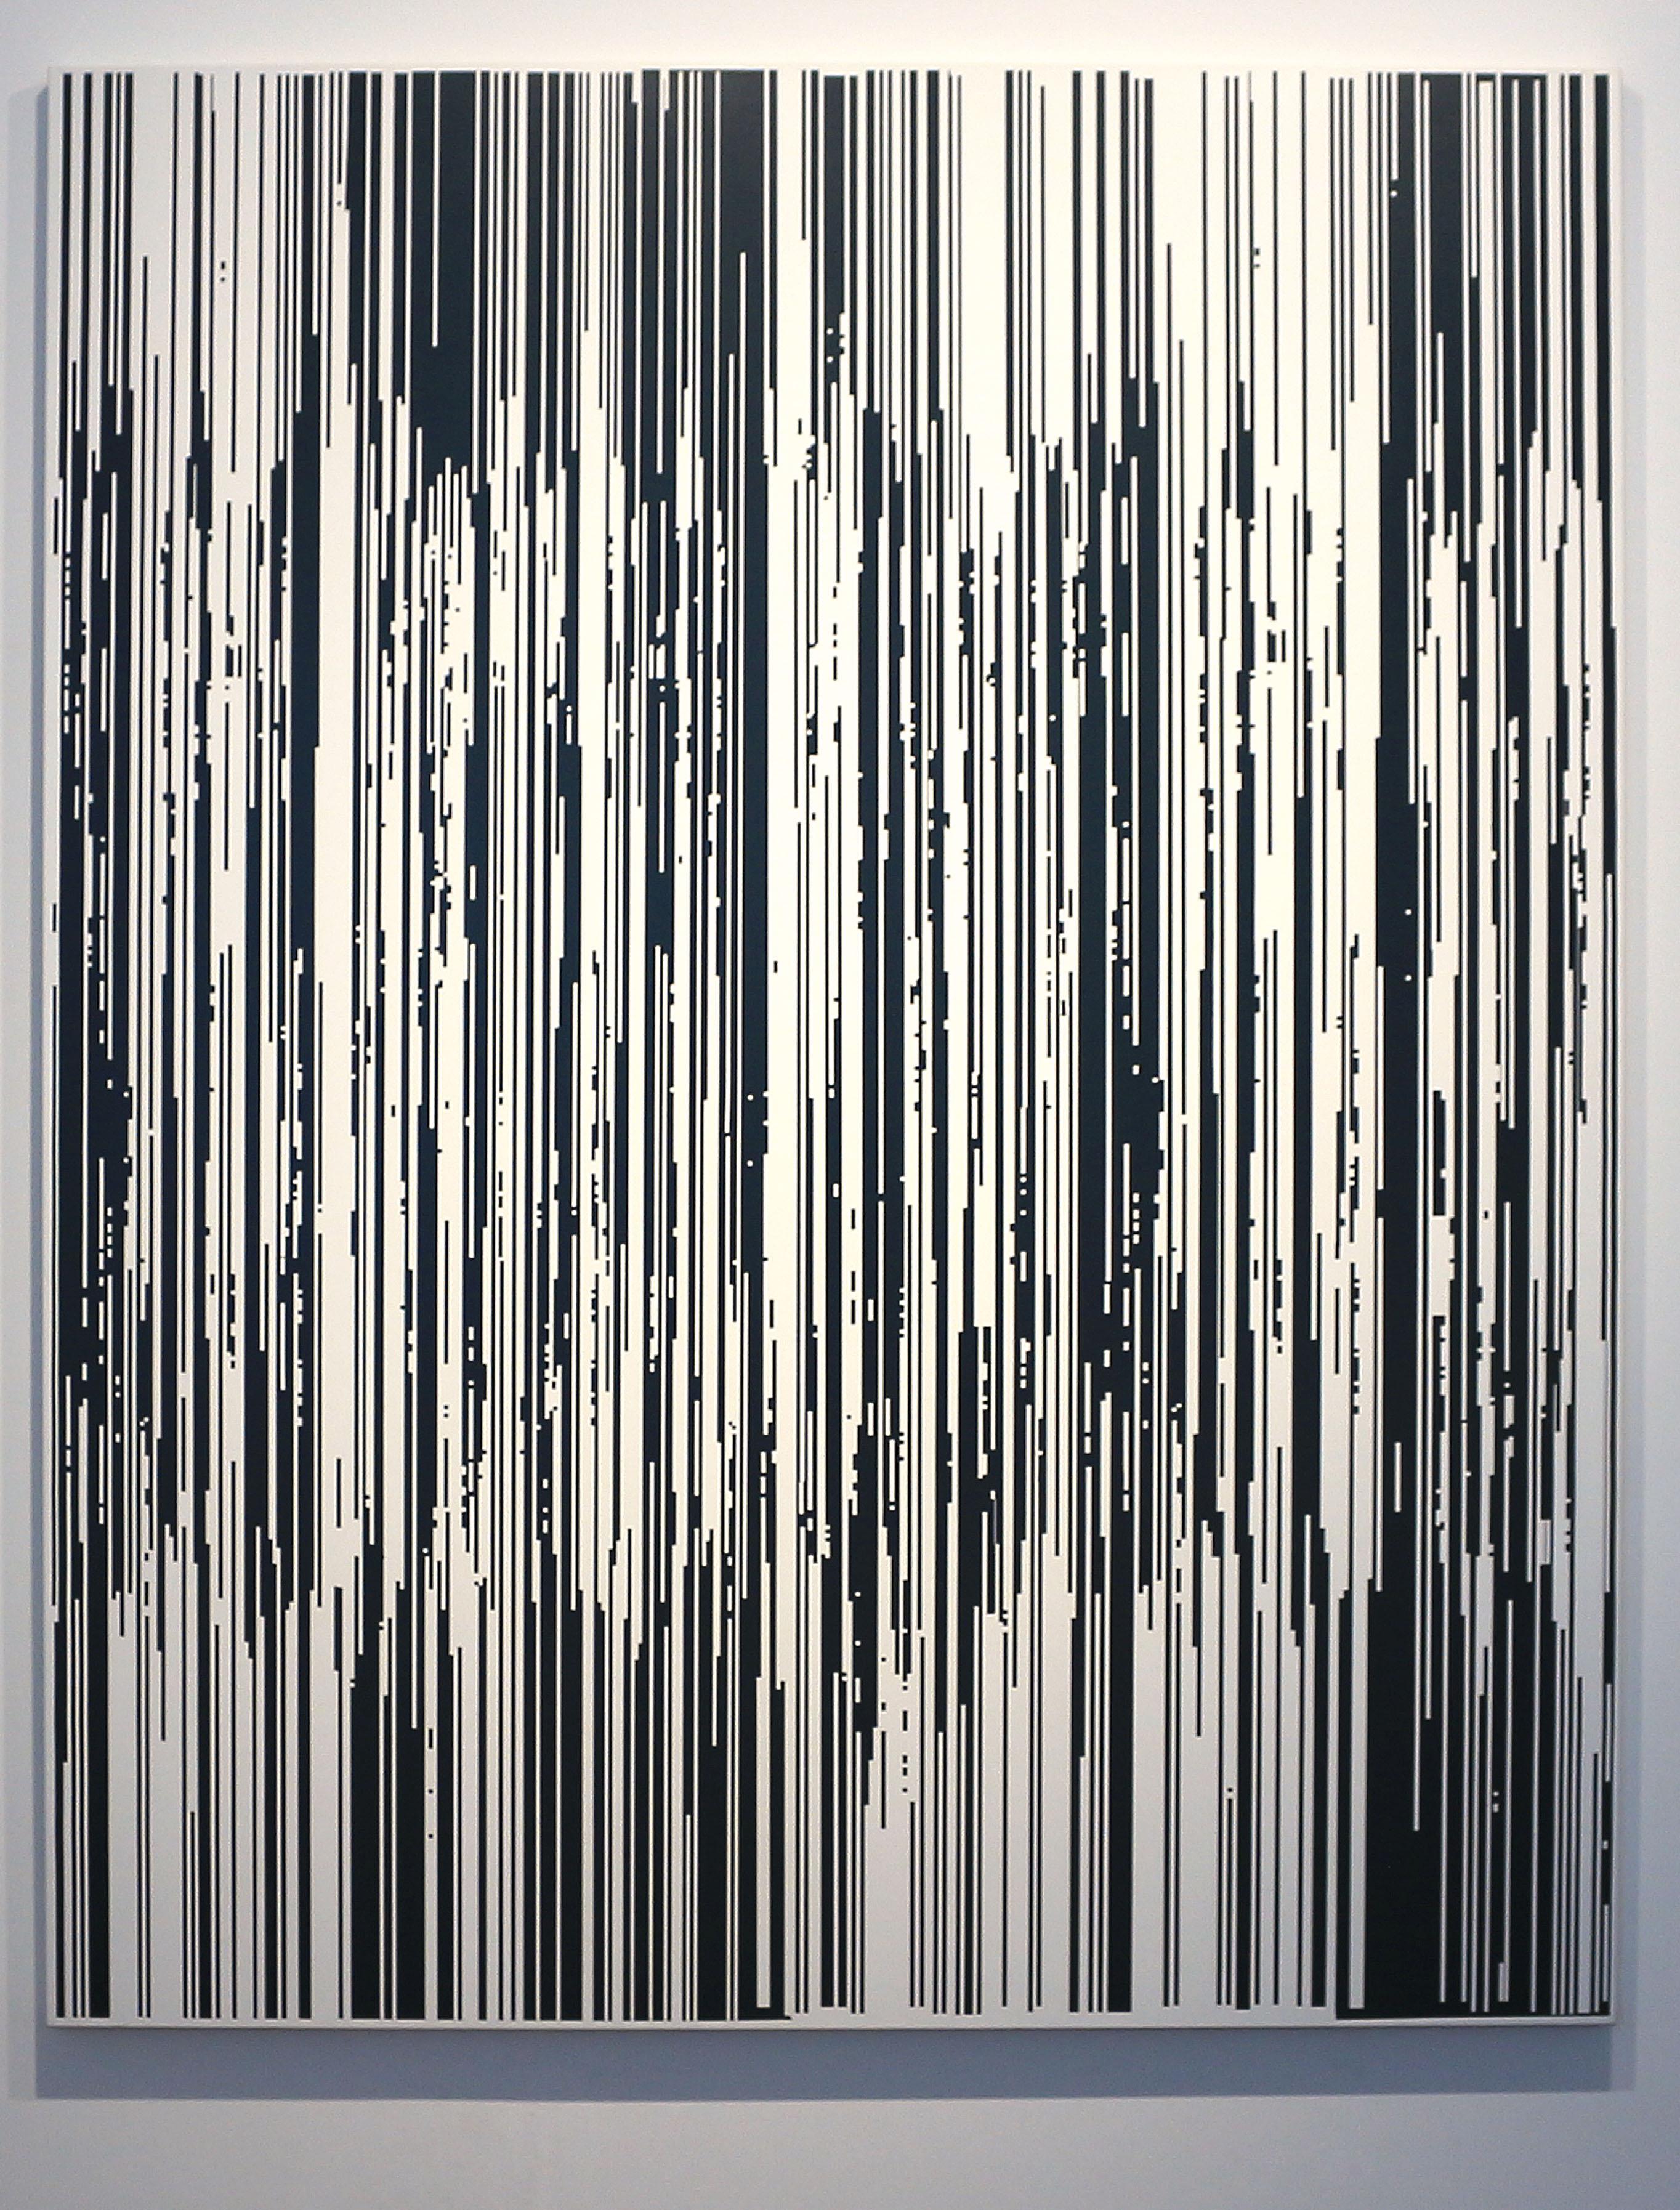 J. PARK_2016 Maze-201651249_Acrylic on canvas_162.2x130.3cm